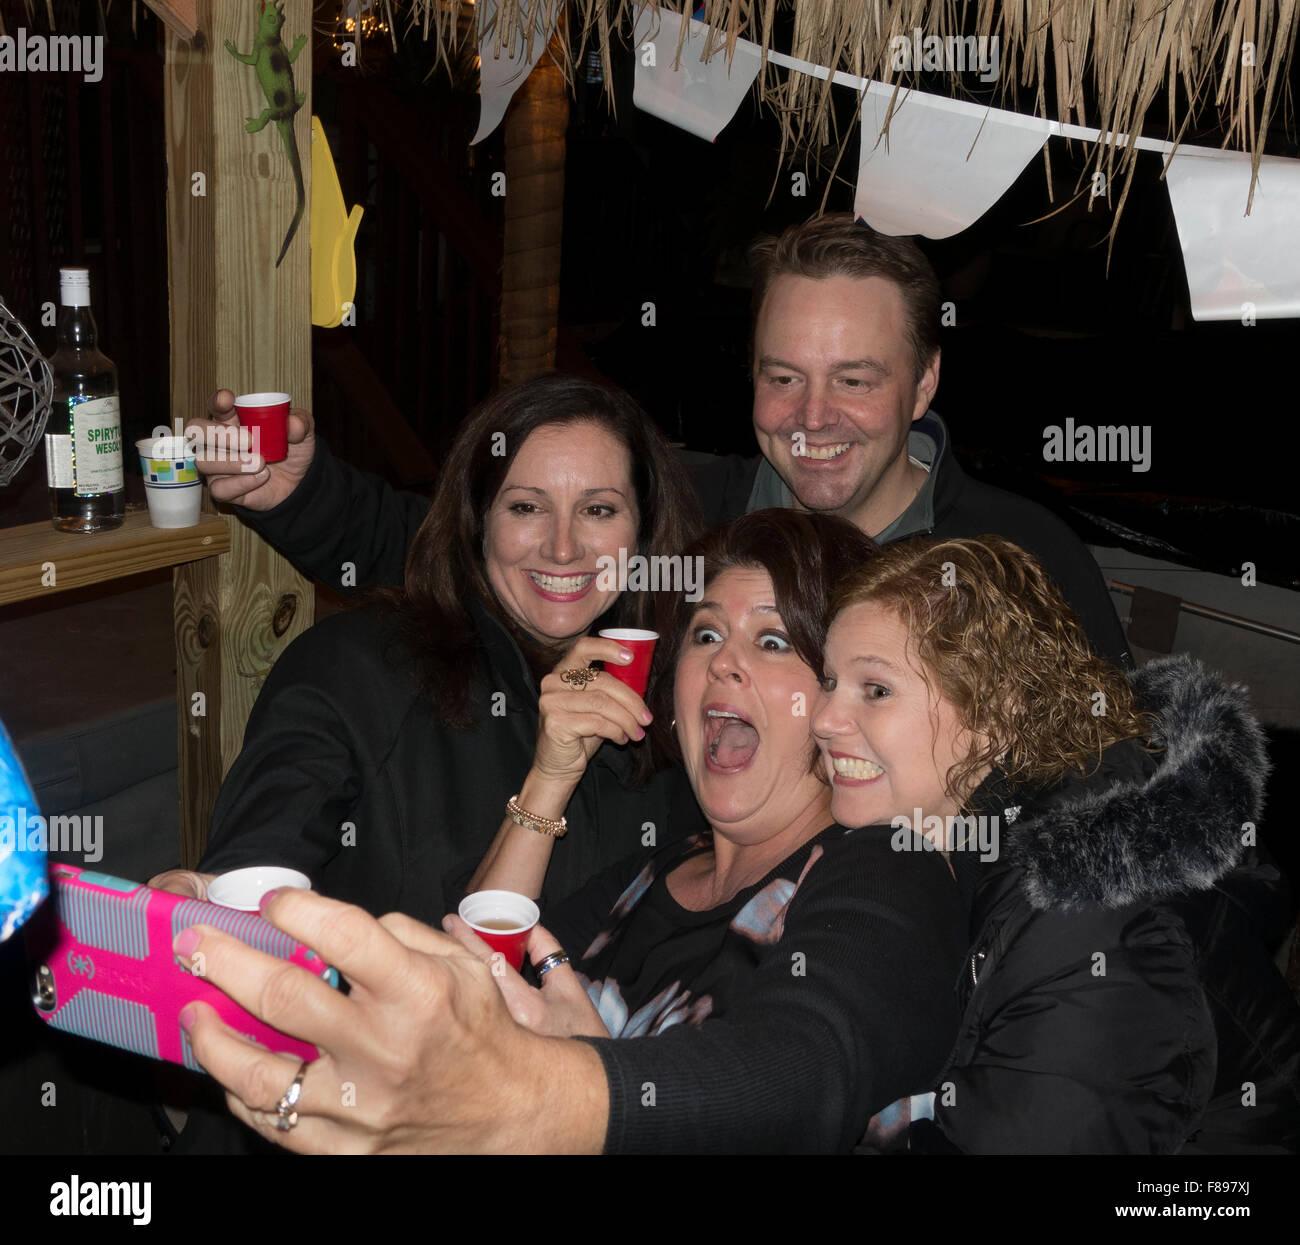 Familienmitglieder dabei, dass eine Handy Selfie einen Hinterhof Tiki Bar genießen. Downers Grove Illinois Stockbild